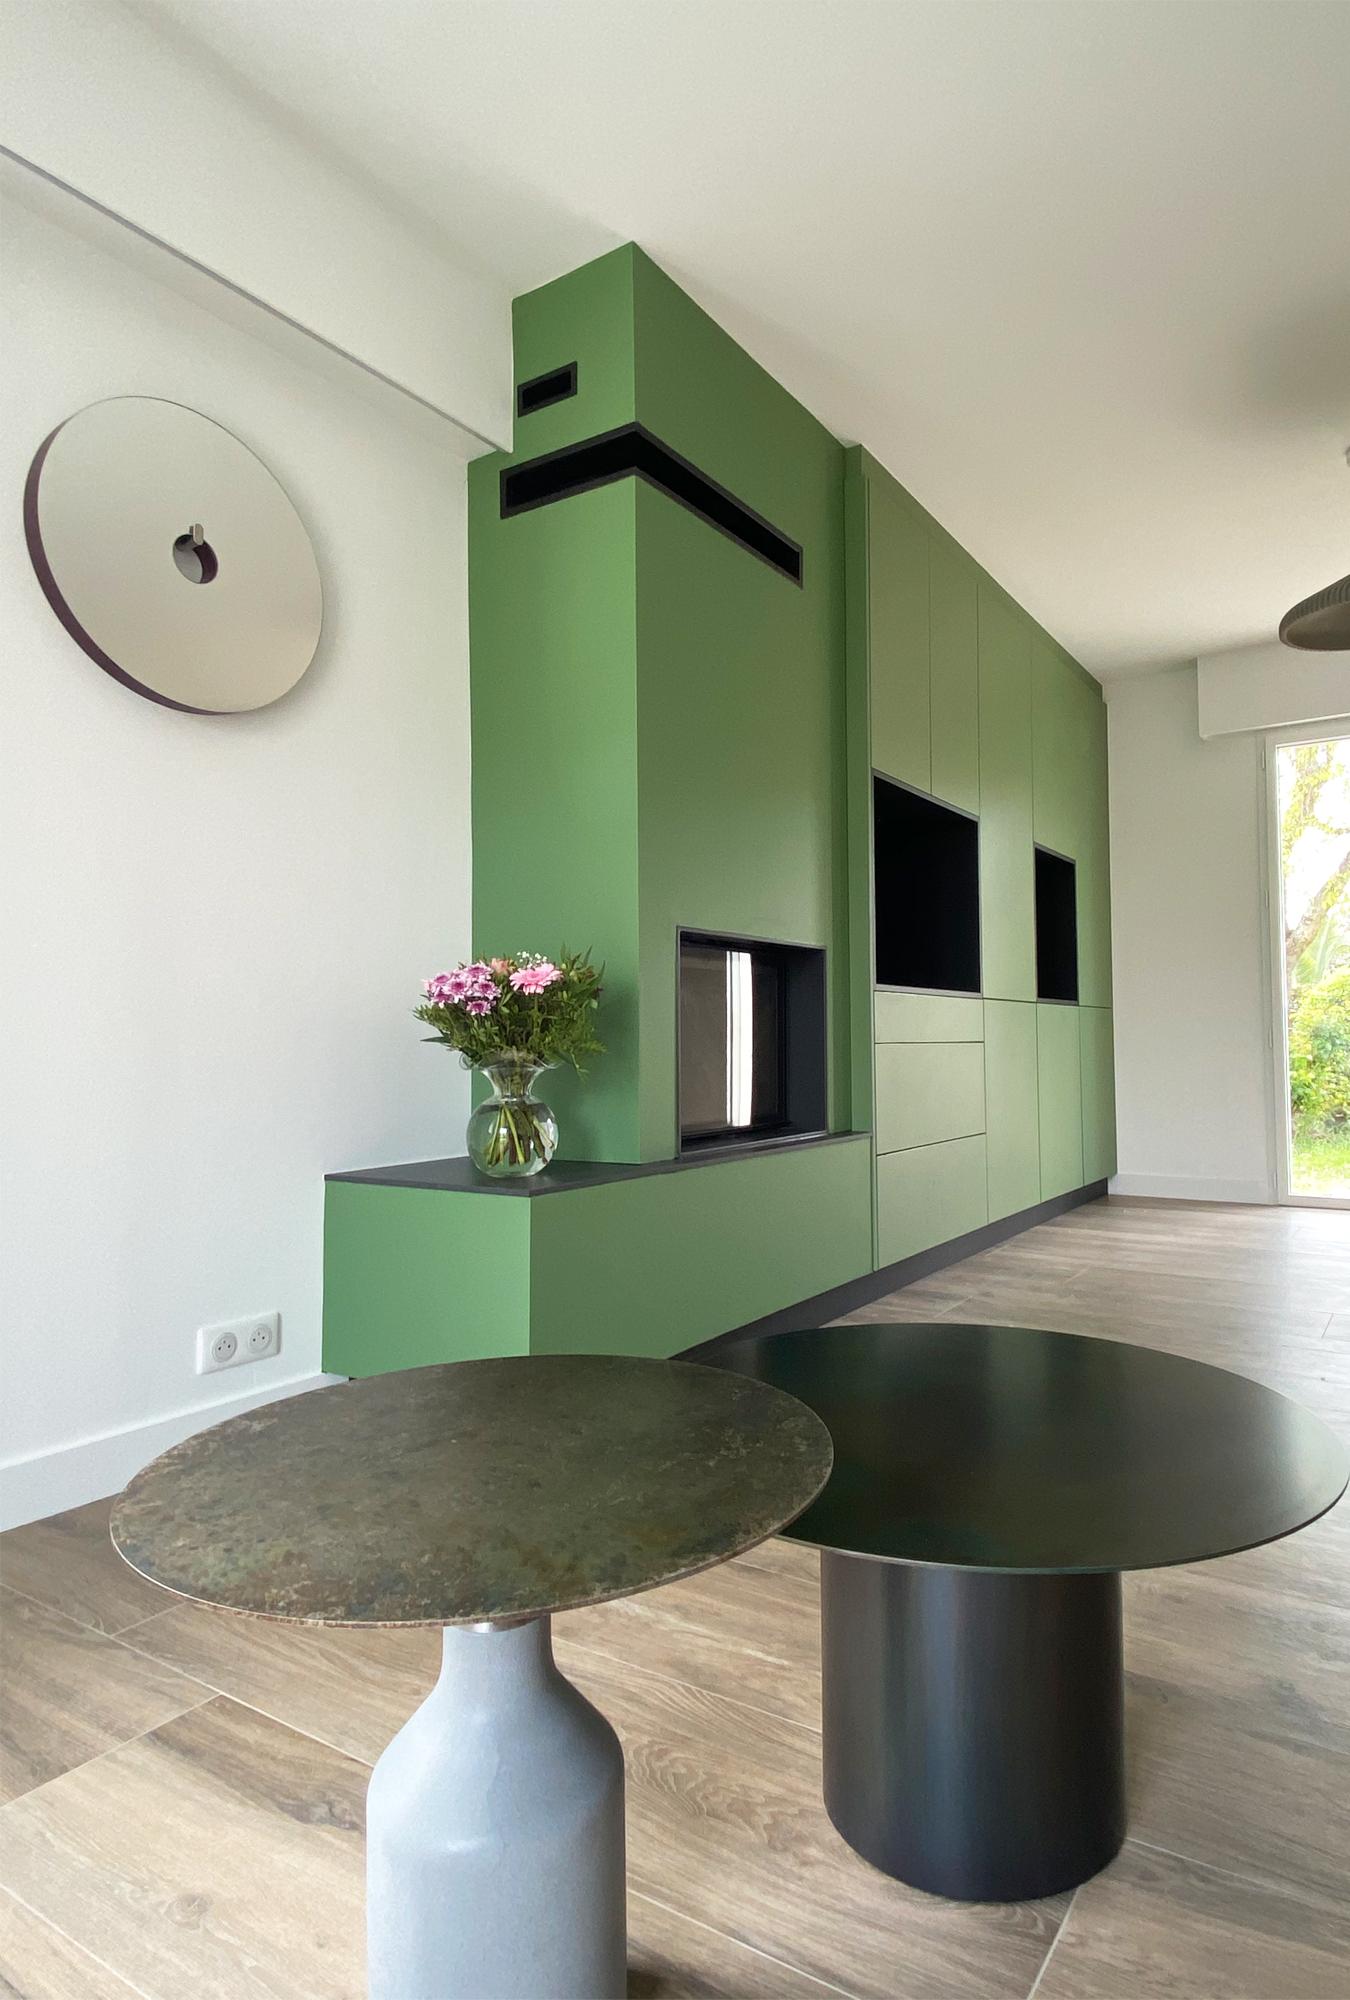 agencement architecture interieur mobilier sur mesure